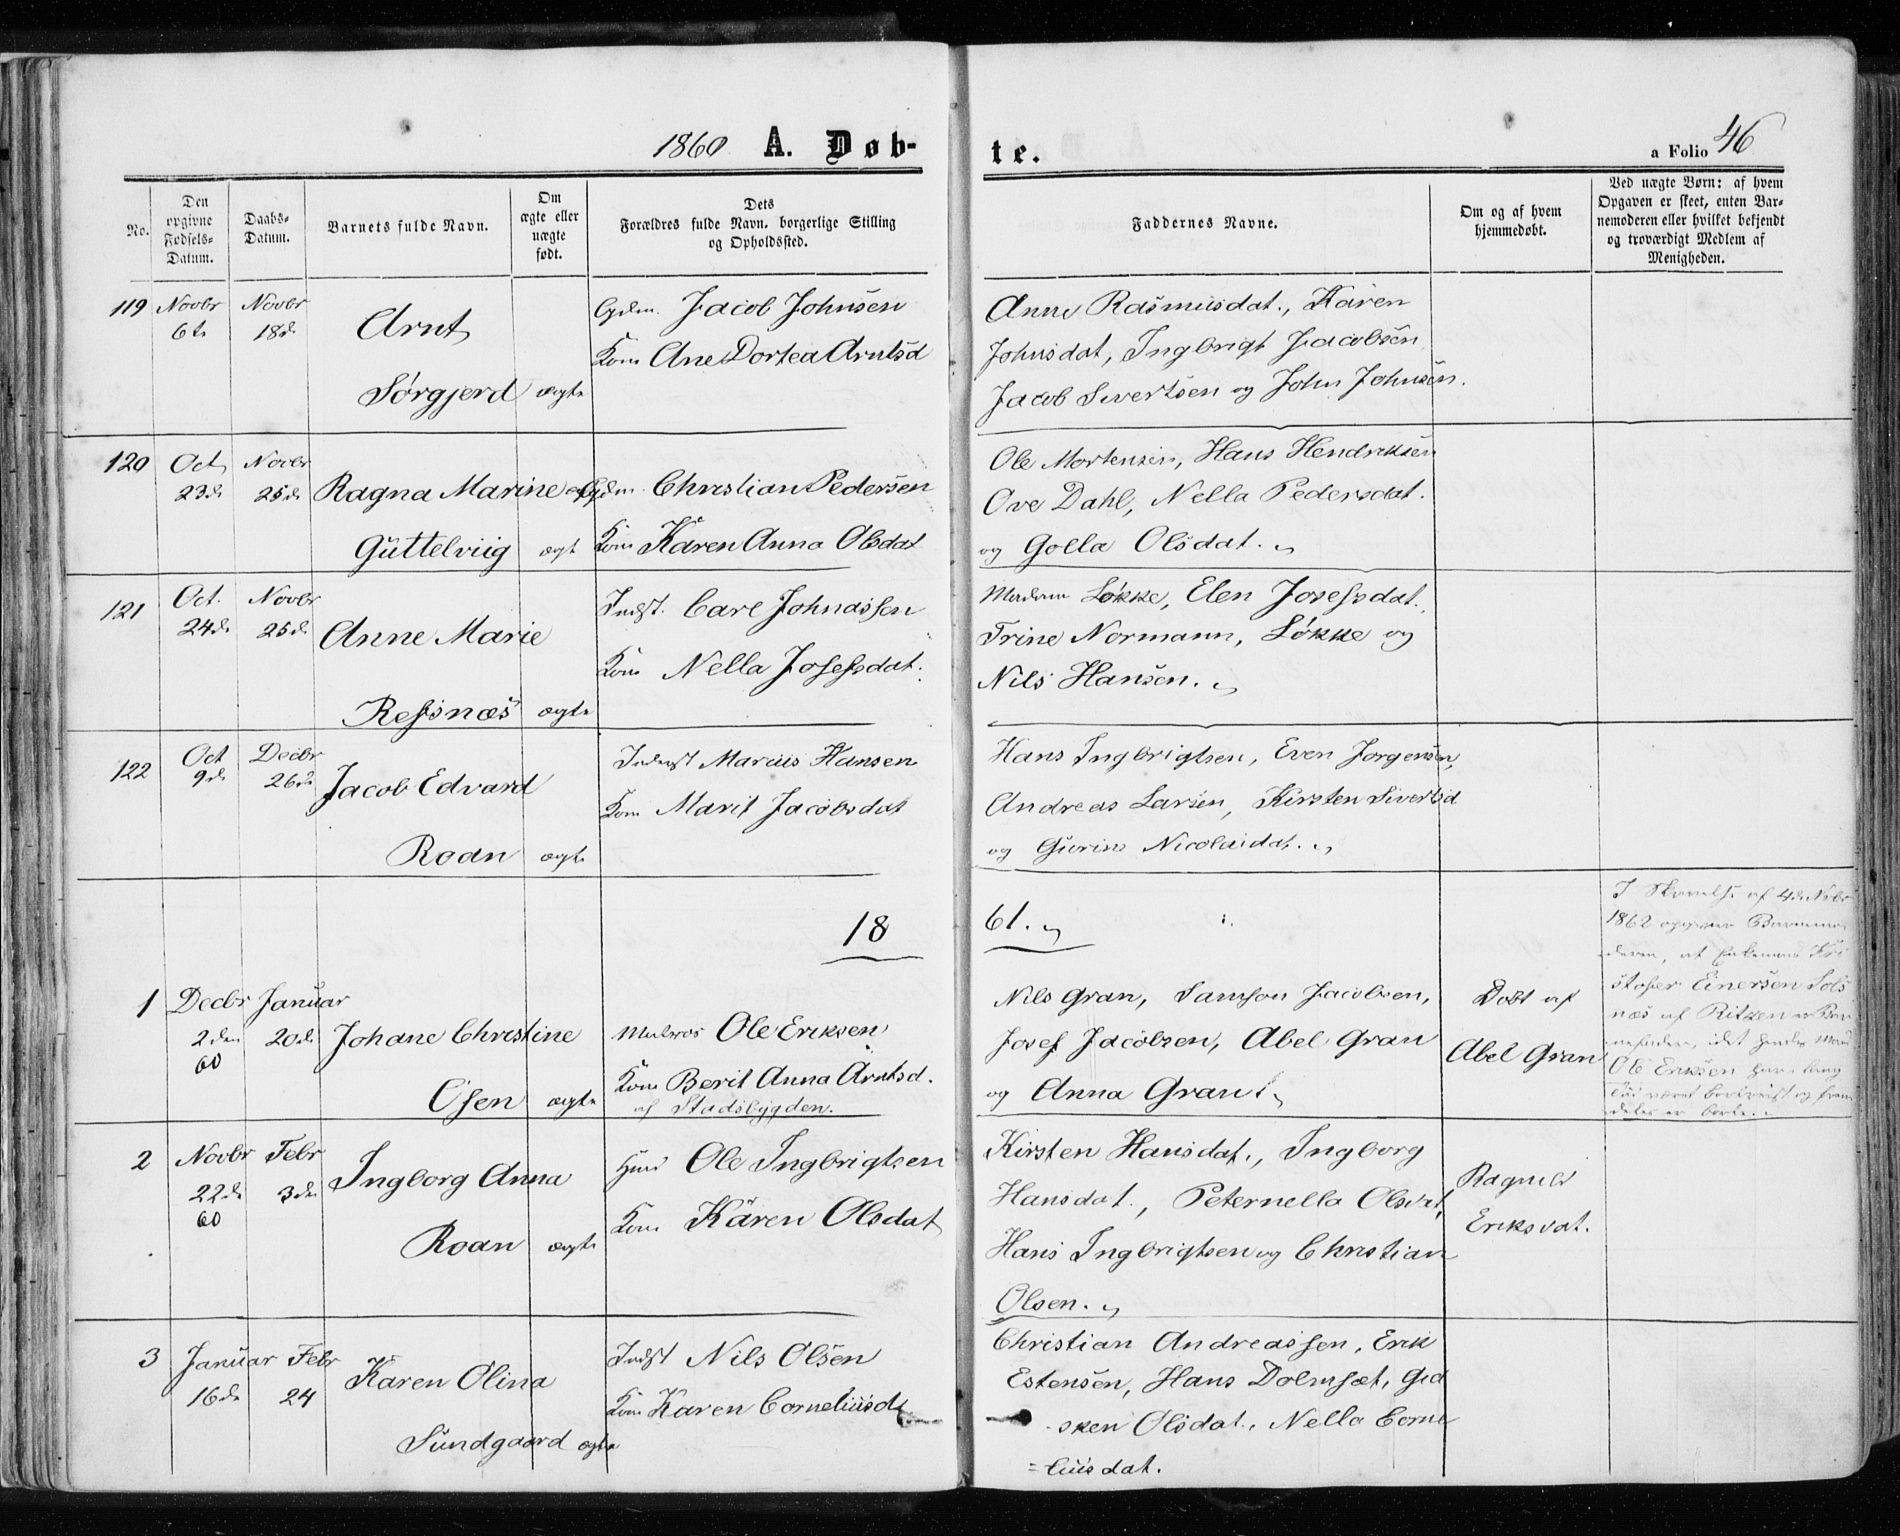 SAT, Ministerialprotokoller, klokkerbøker og fødselsregistre - Sør-Trøndelag, 657/L0705: Ministerialbok nr. 657A06, 1858-1867, s. 46